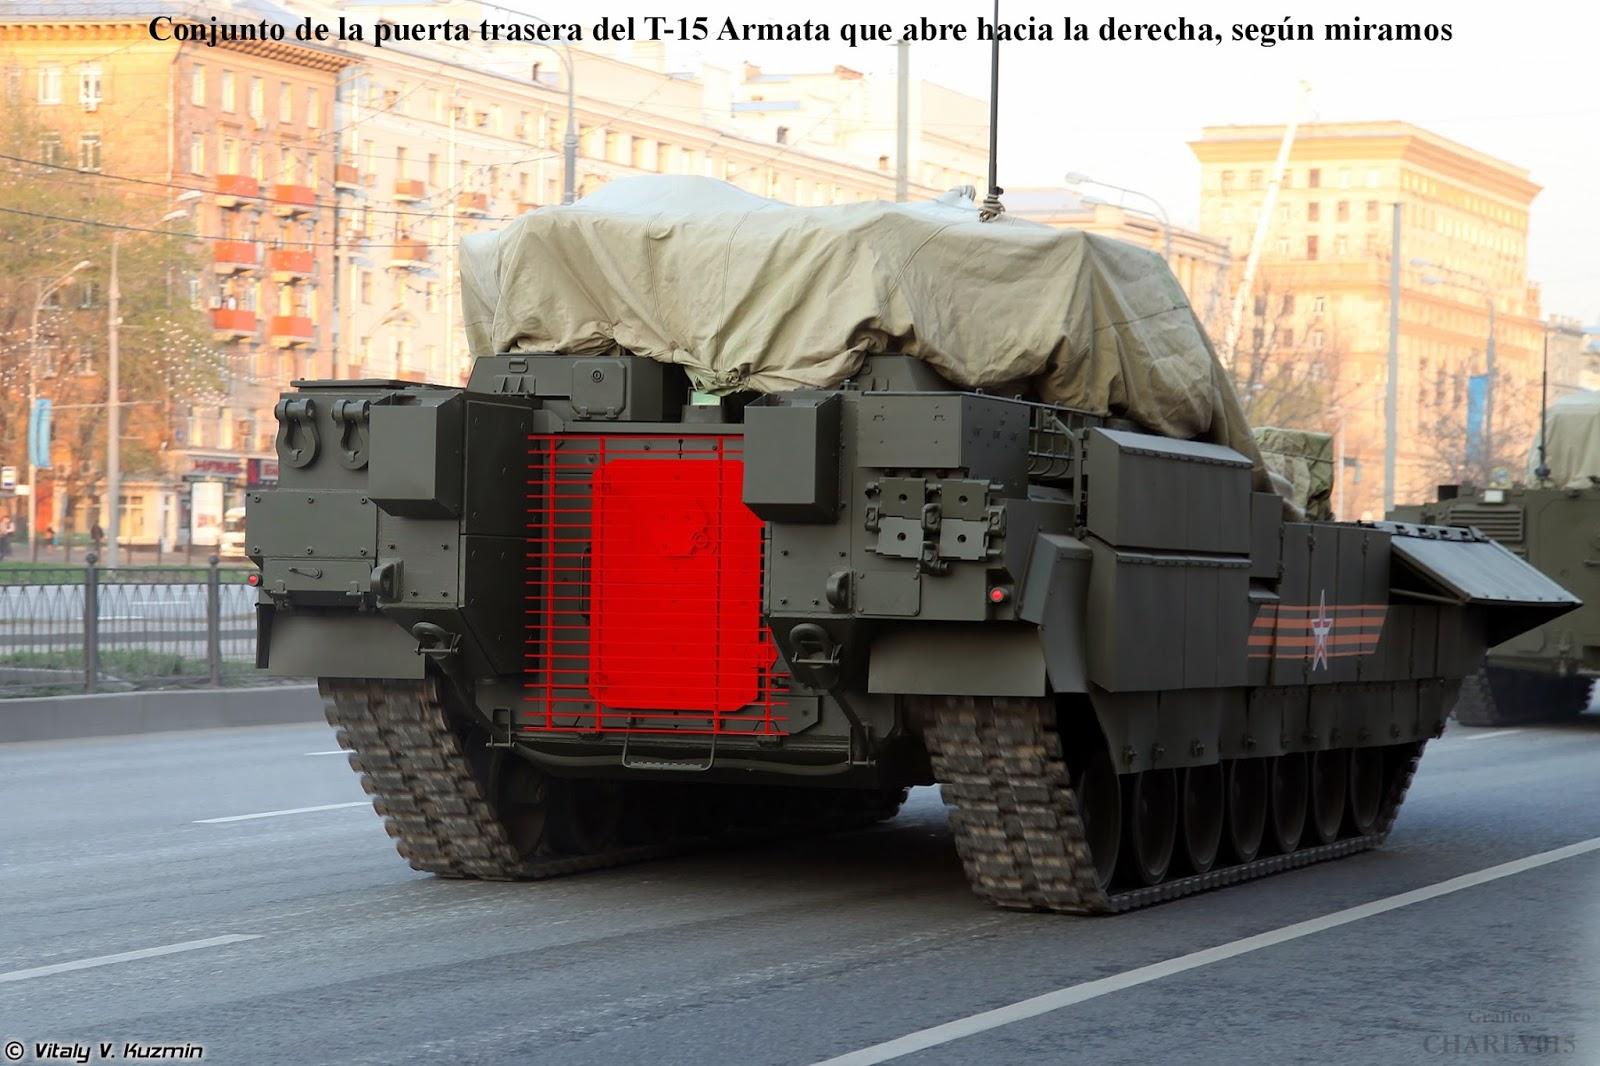 Armata: ¿el robotanque ruso? - Página 2 Armata%2Bcompuerta